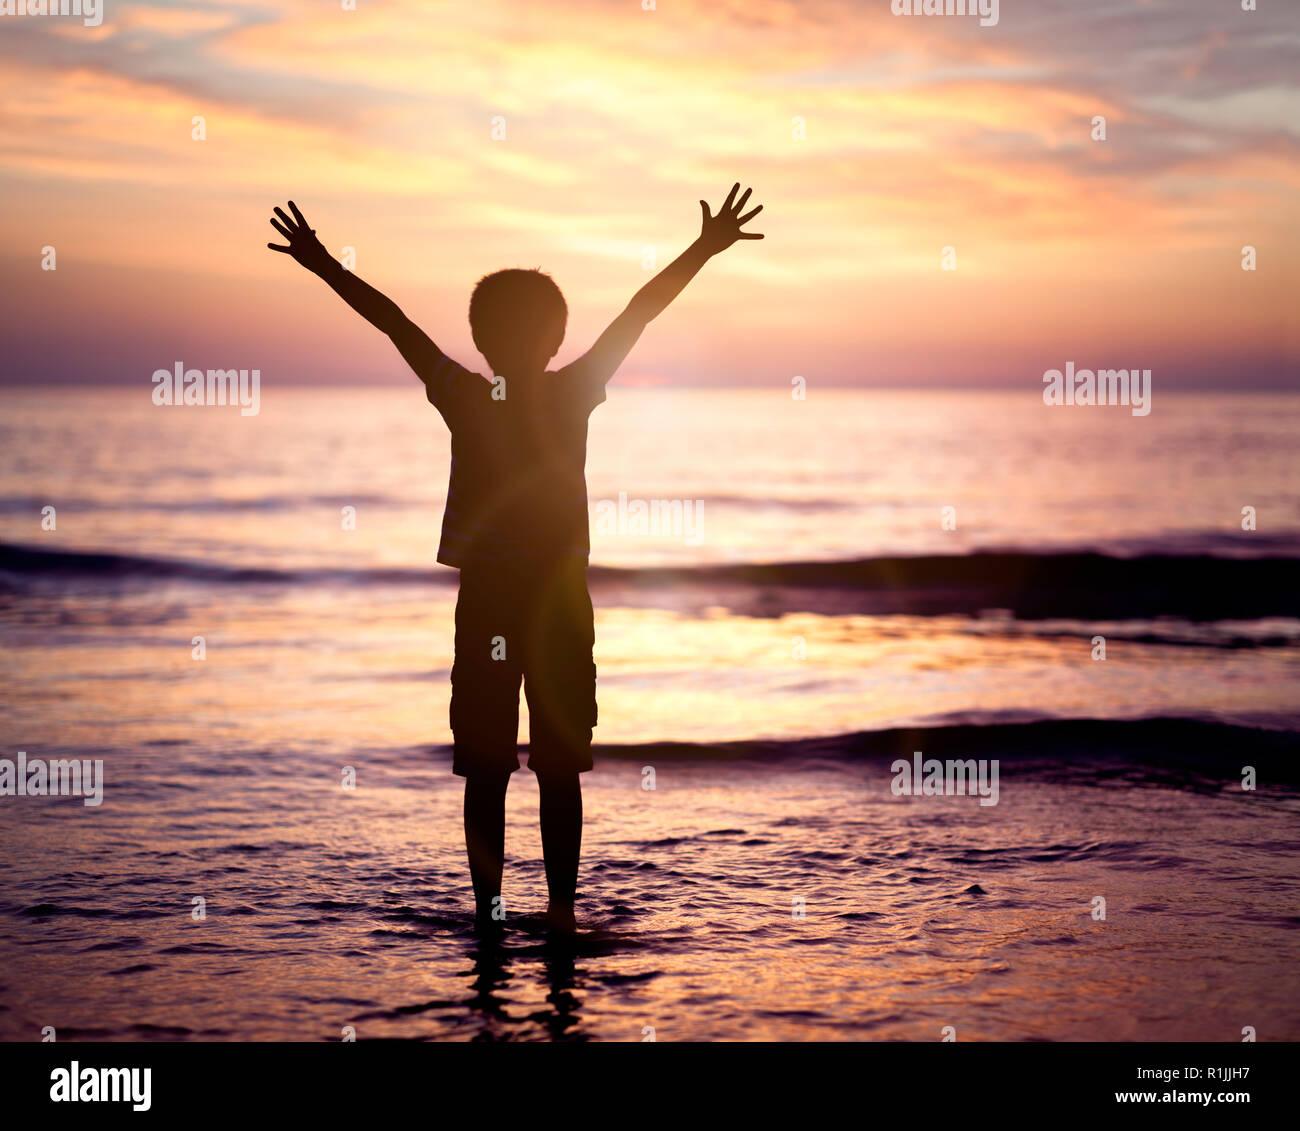 Silhouette d'un garçon avec les mains posées dans le coucher de soleil sur la mer concept pour la religion, le culte, la prière et la louange Banque D'Images